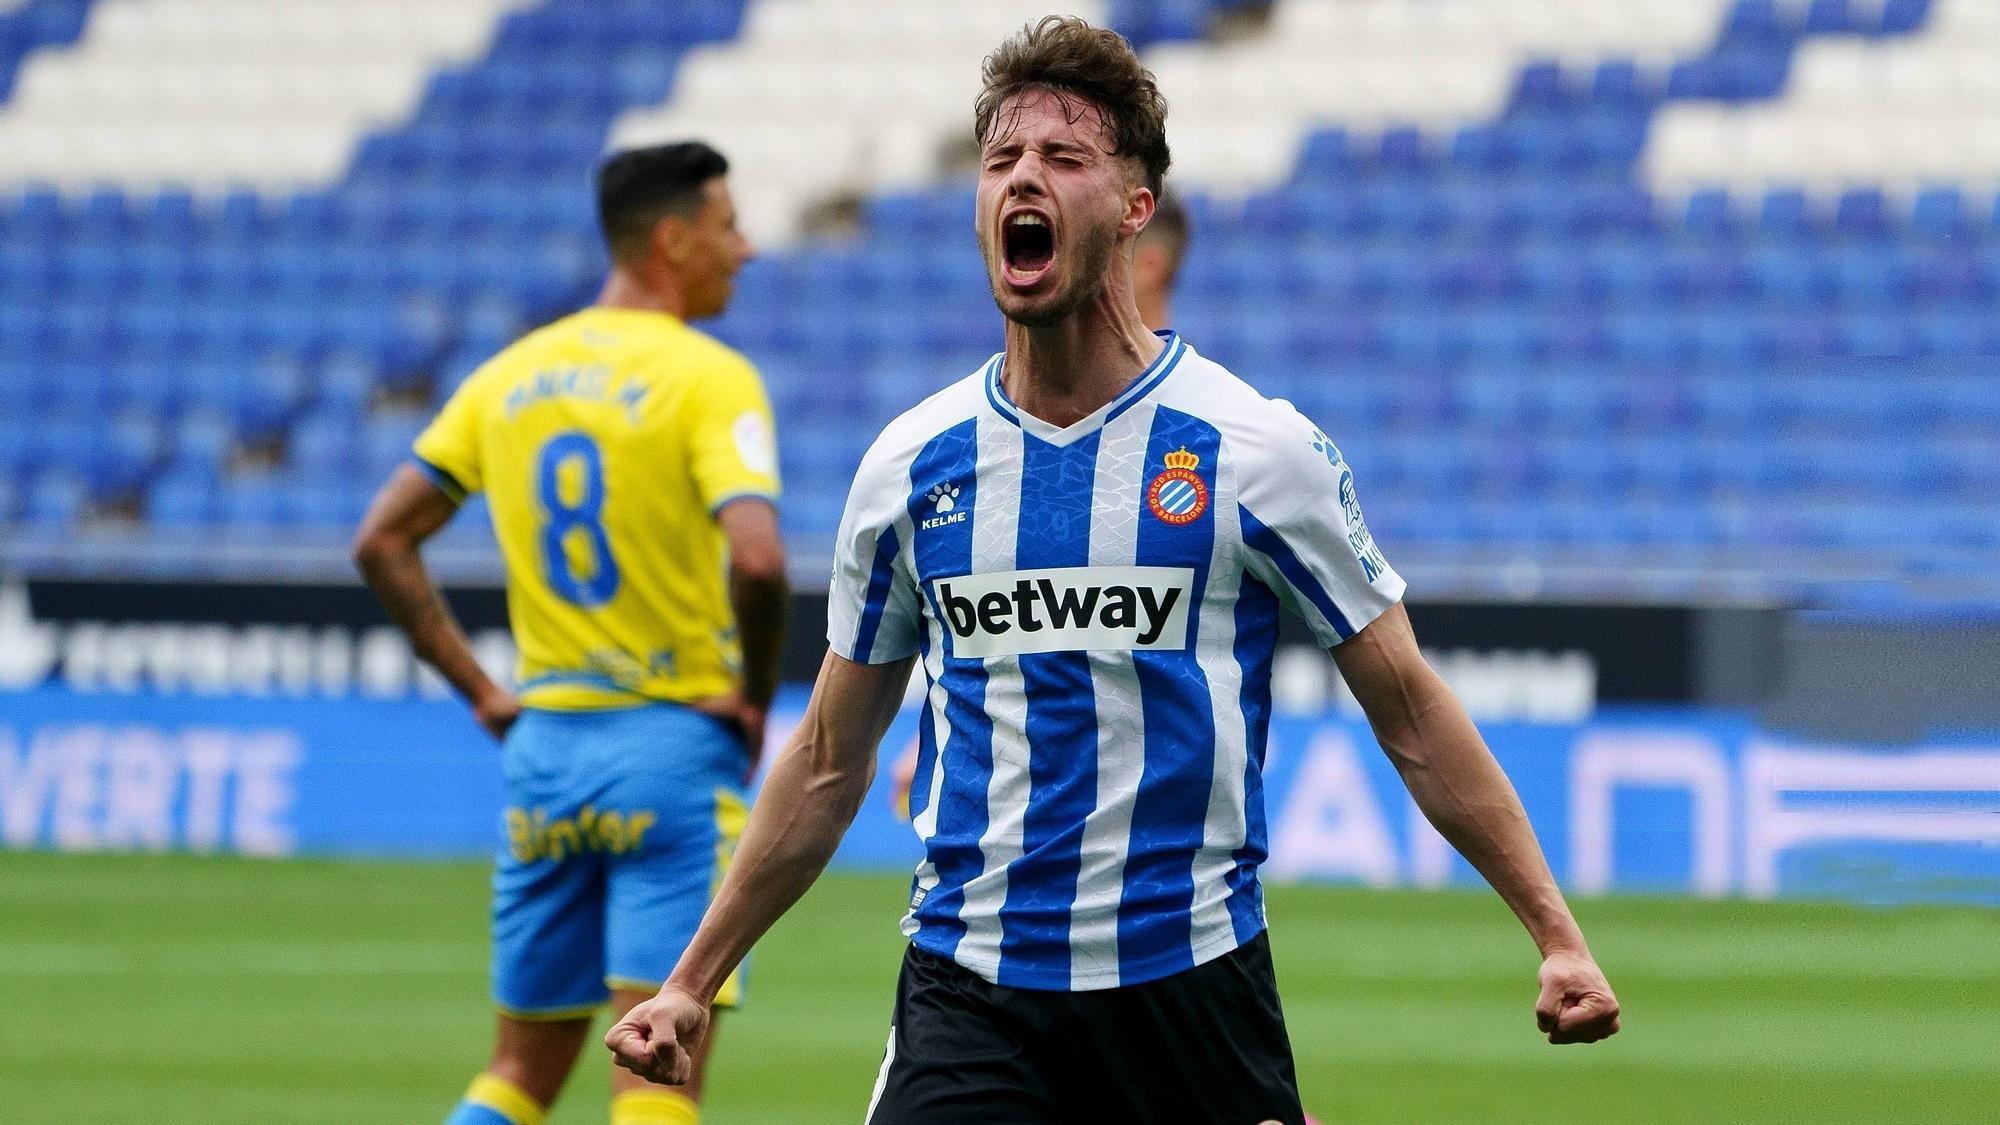 El Espanyol toca el ascenso con las manos tras su victoria ante Las Palmas y puede ser equipo de primera la próxima jornada.